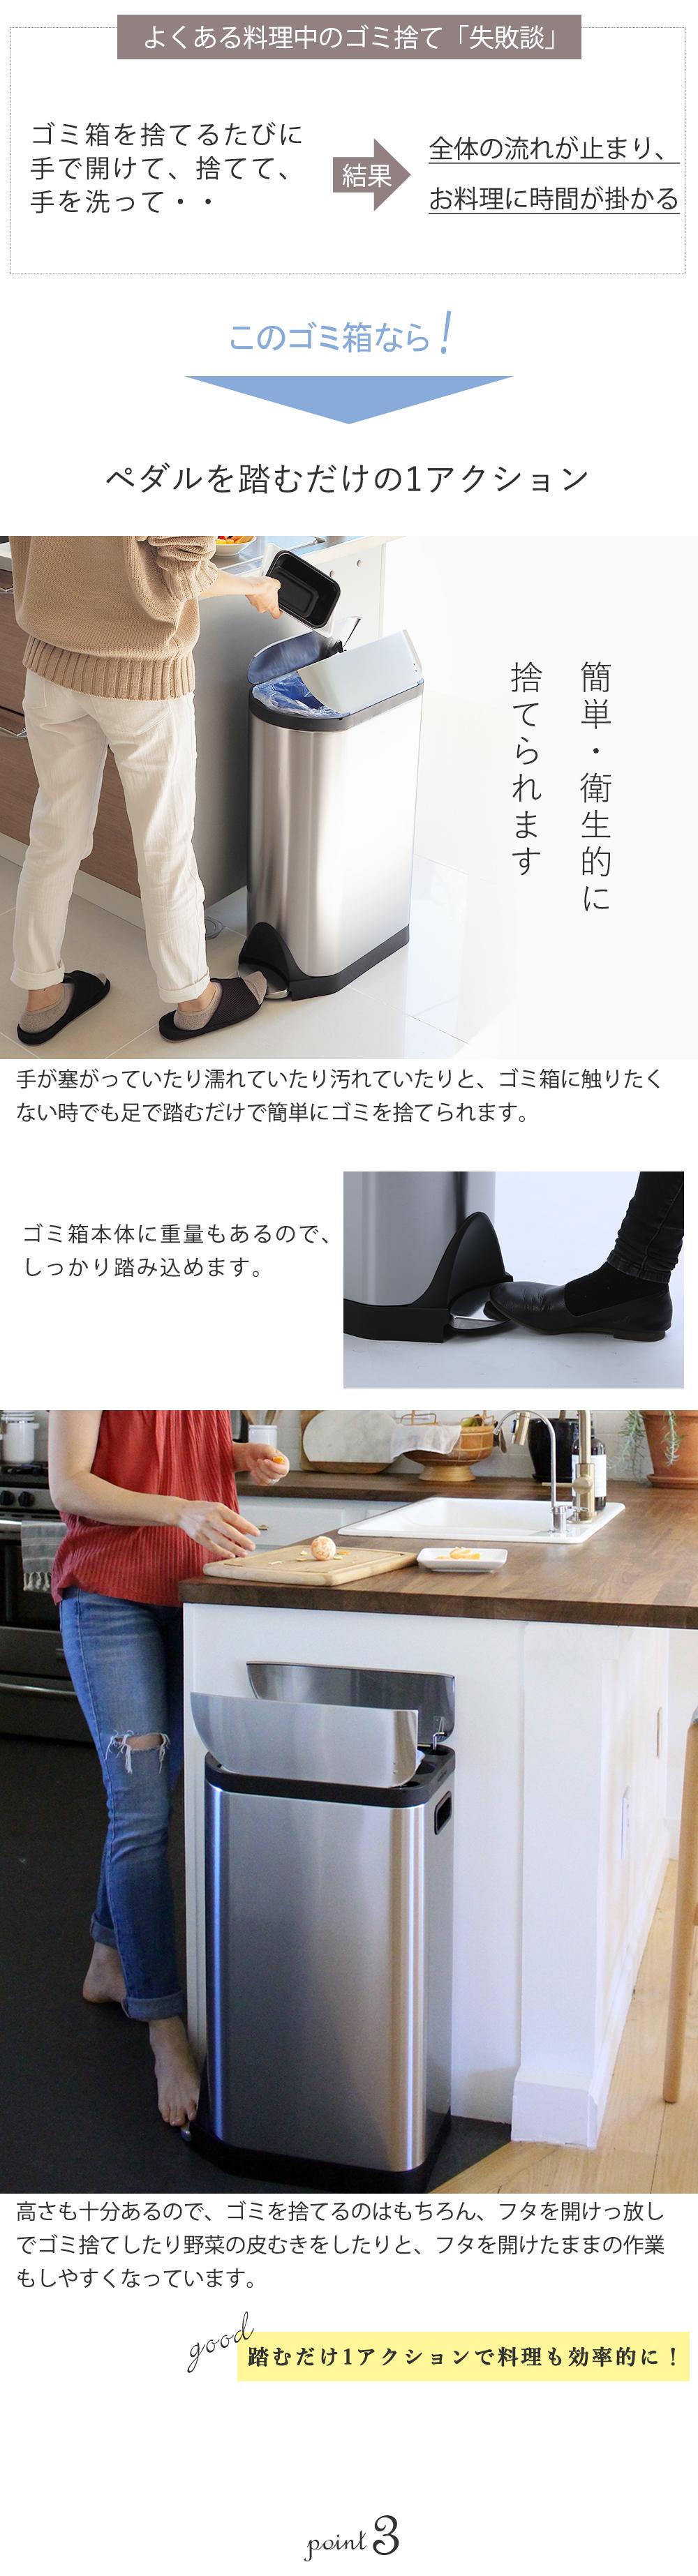 キッチンでフットペダル式のゴミ箱を使っているお母さんと子供